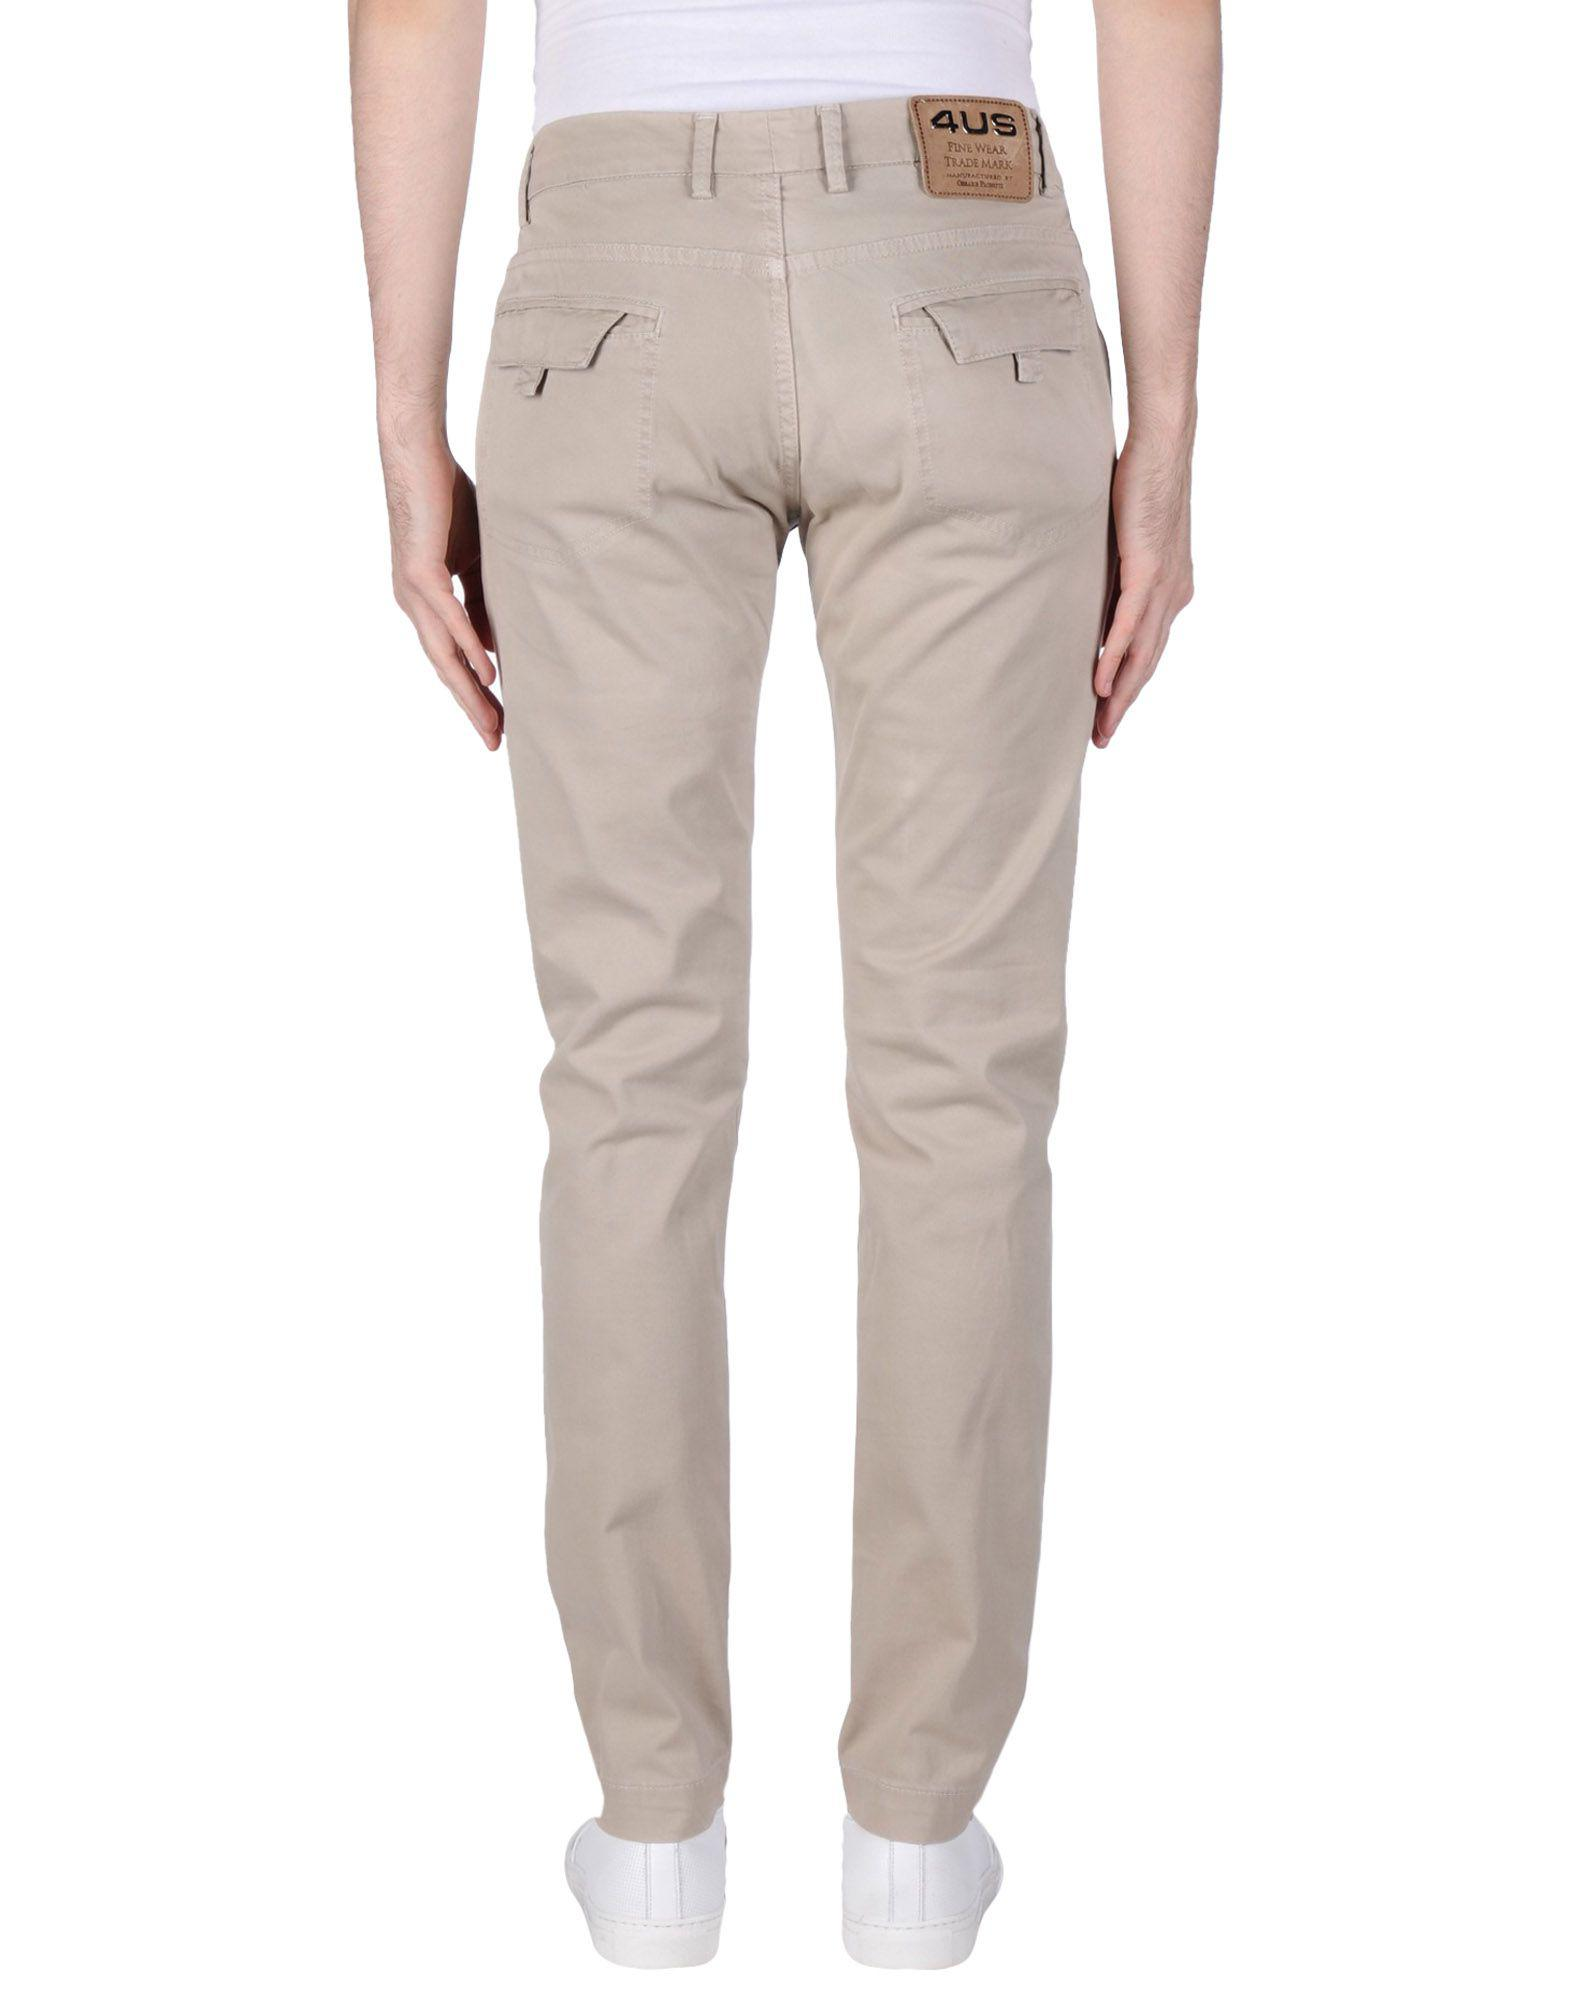 Cesare Paciotti Cotton Casual Trouser in Beige (Natural) for Men